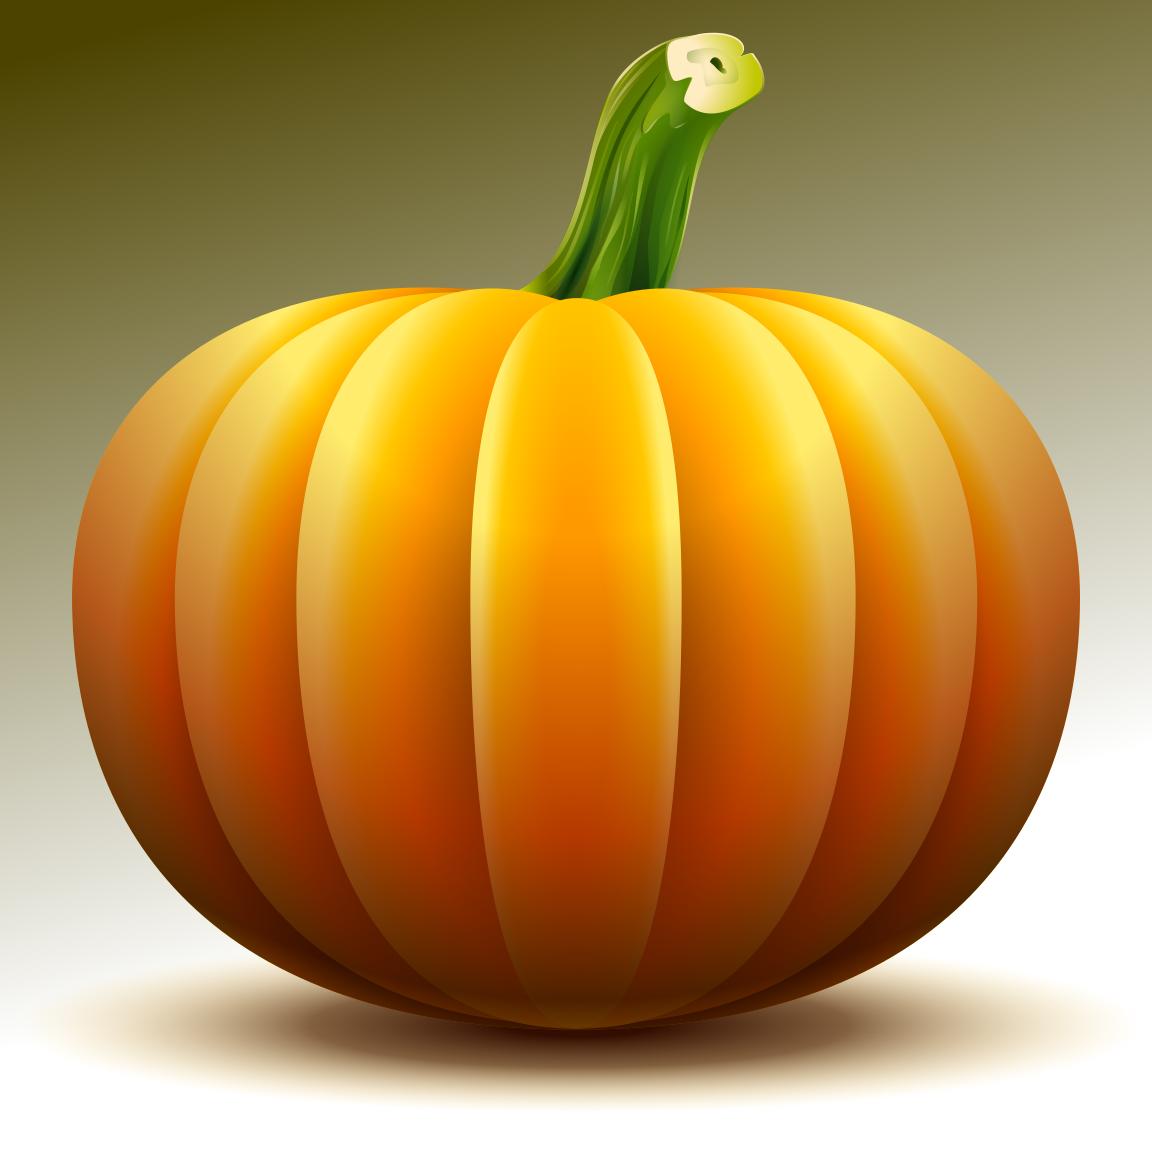 squash pumpkin gourd family